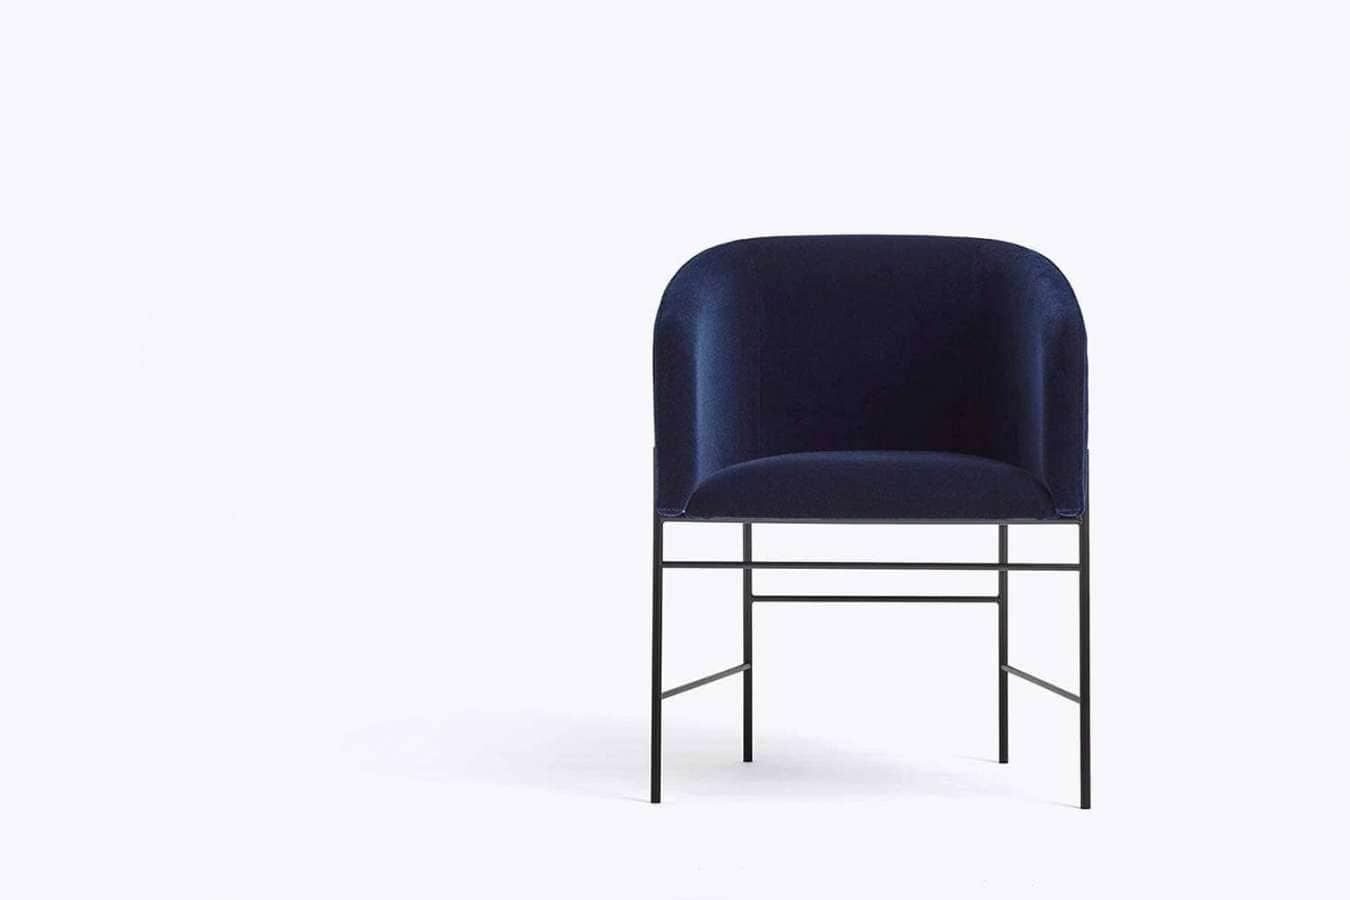 Design René Hougaard. ©New Works